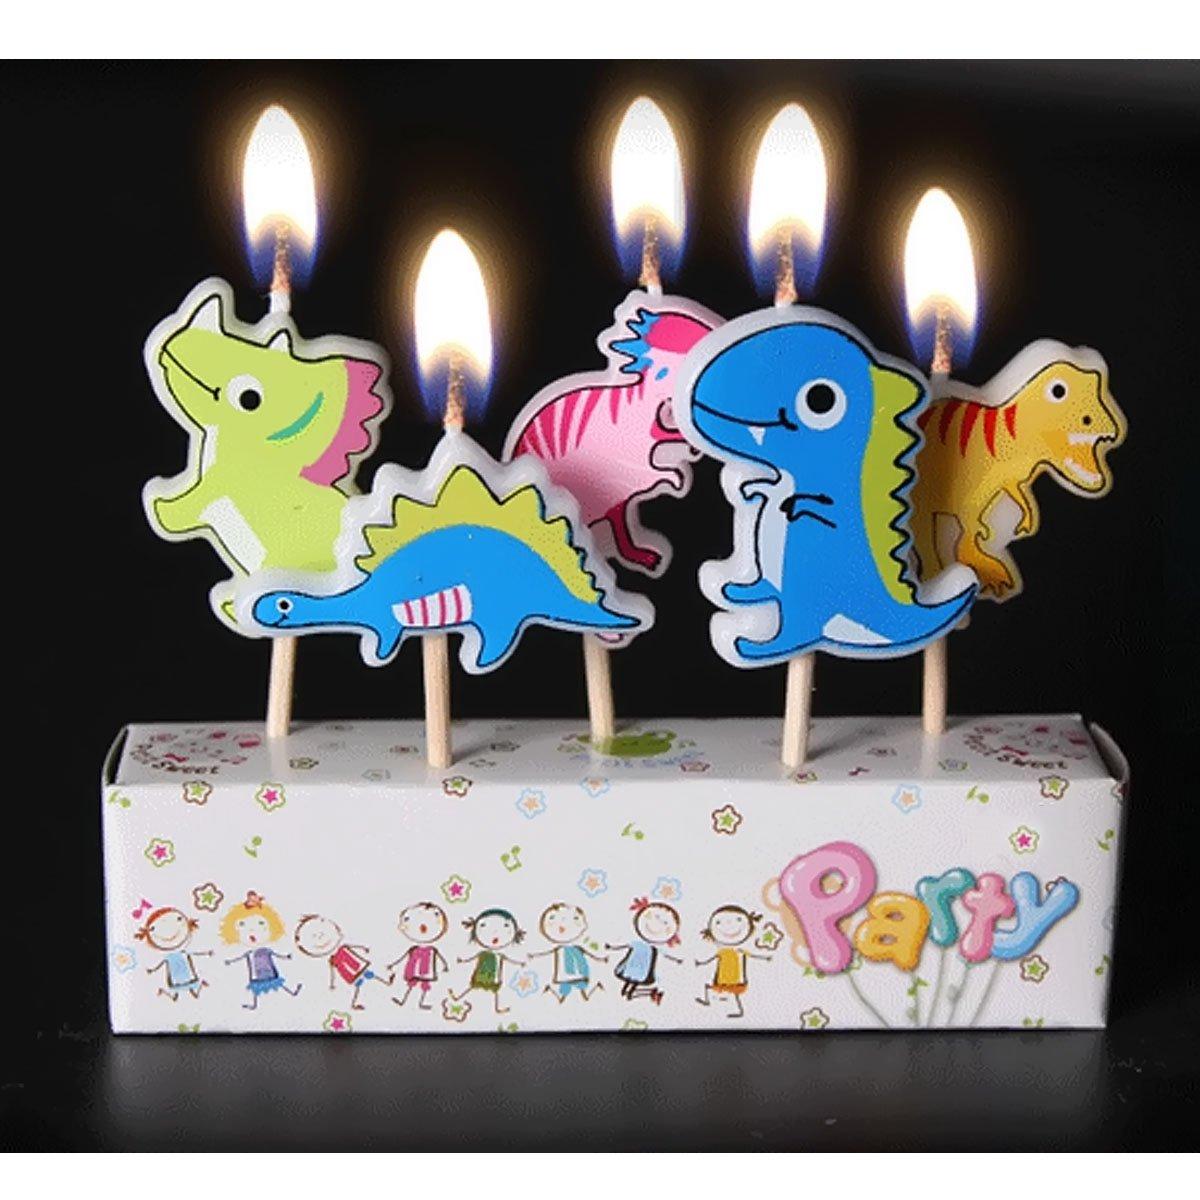 Tortendeko lustige bunte Kerzen f/ür Geburtstagskuchen o./ä. verschiedene Designs Dinos